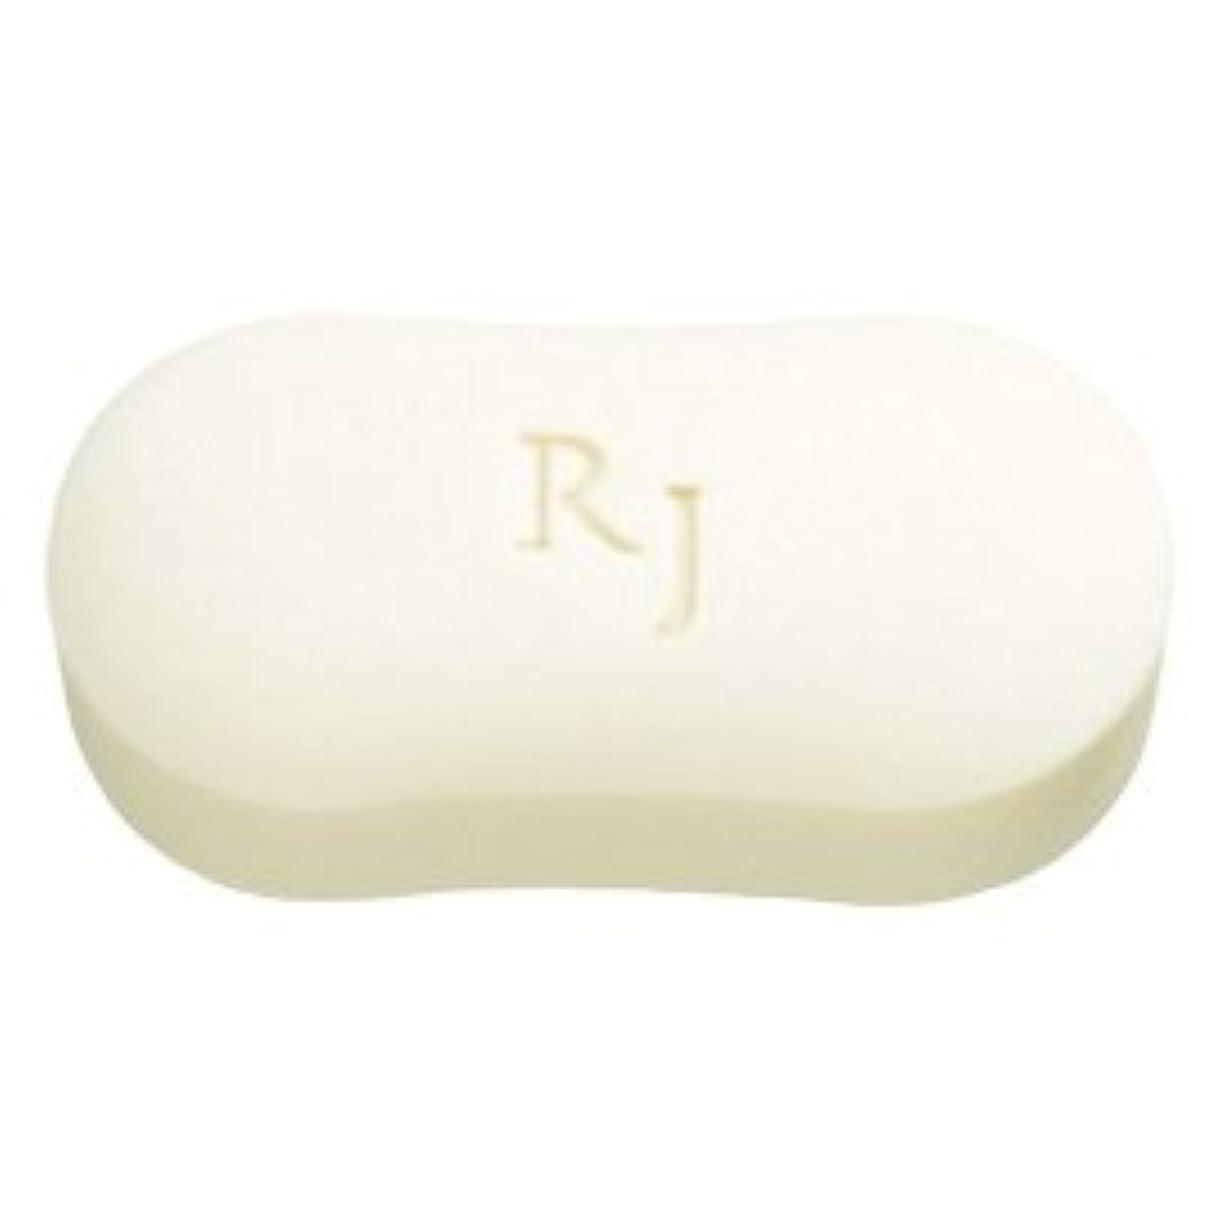 パースブラックボロウやりすぎ疲労RJホワイトソープ(洗顔石鹸?ボディソープ) 脂性肌用 120g/Royal Jelly White Soap<120g>